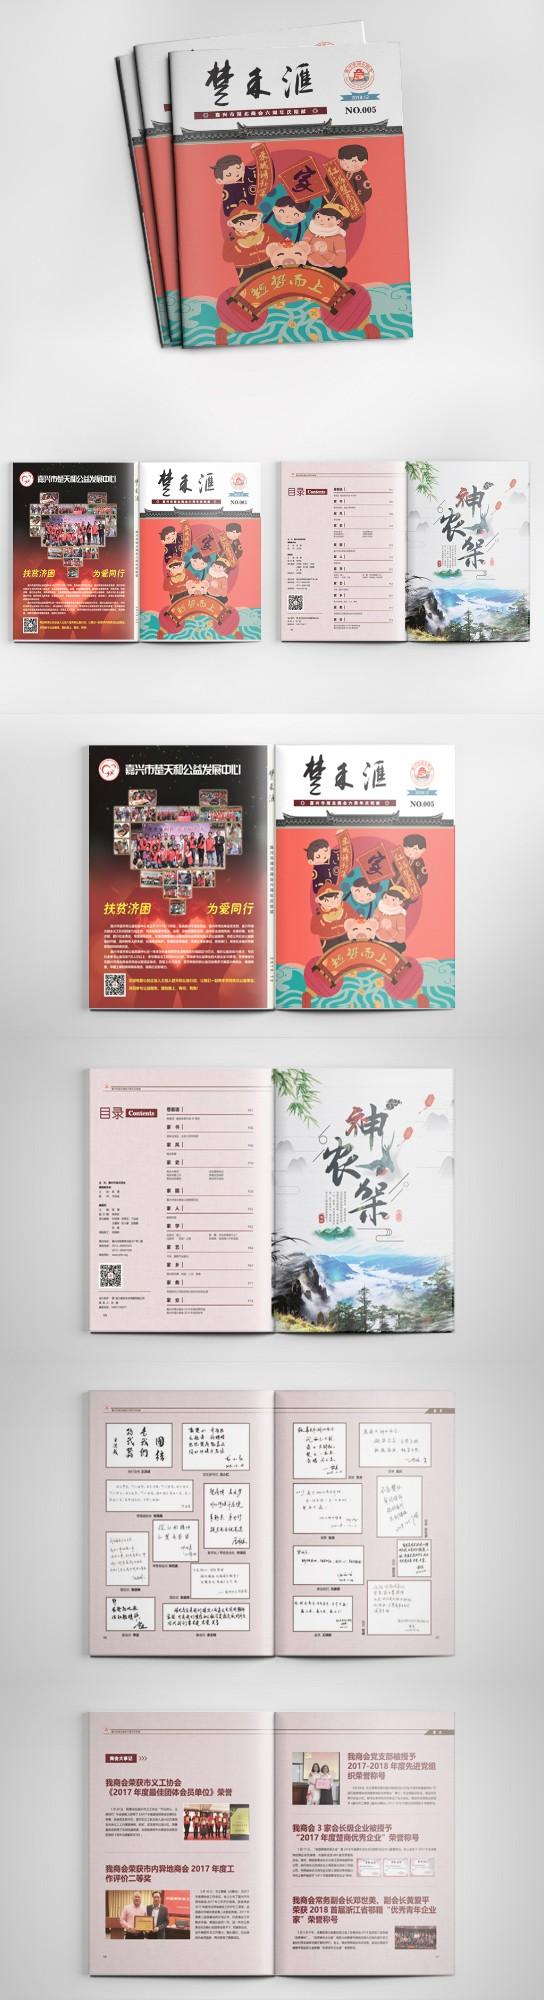 嘉兴市湖北商会杂志采编